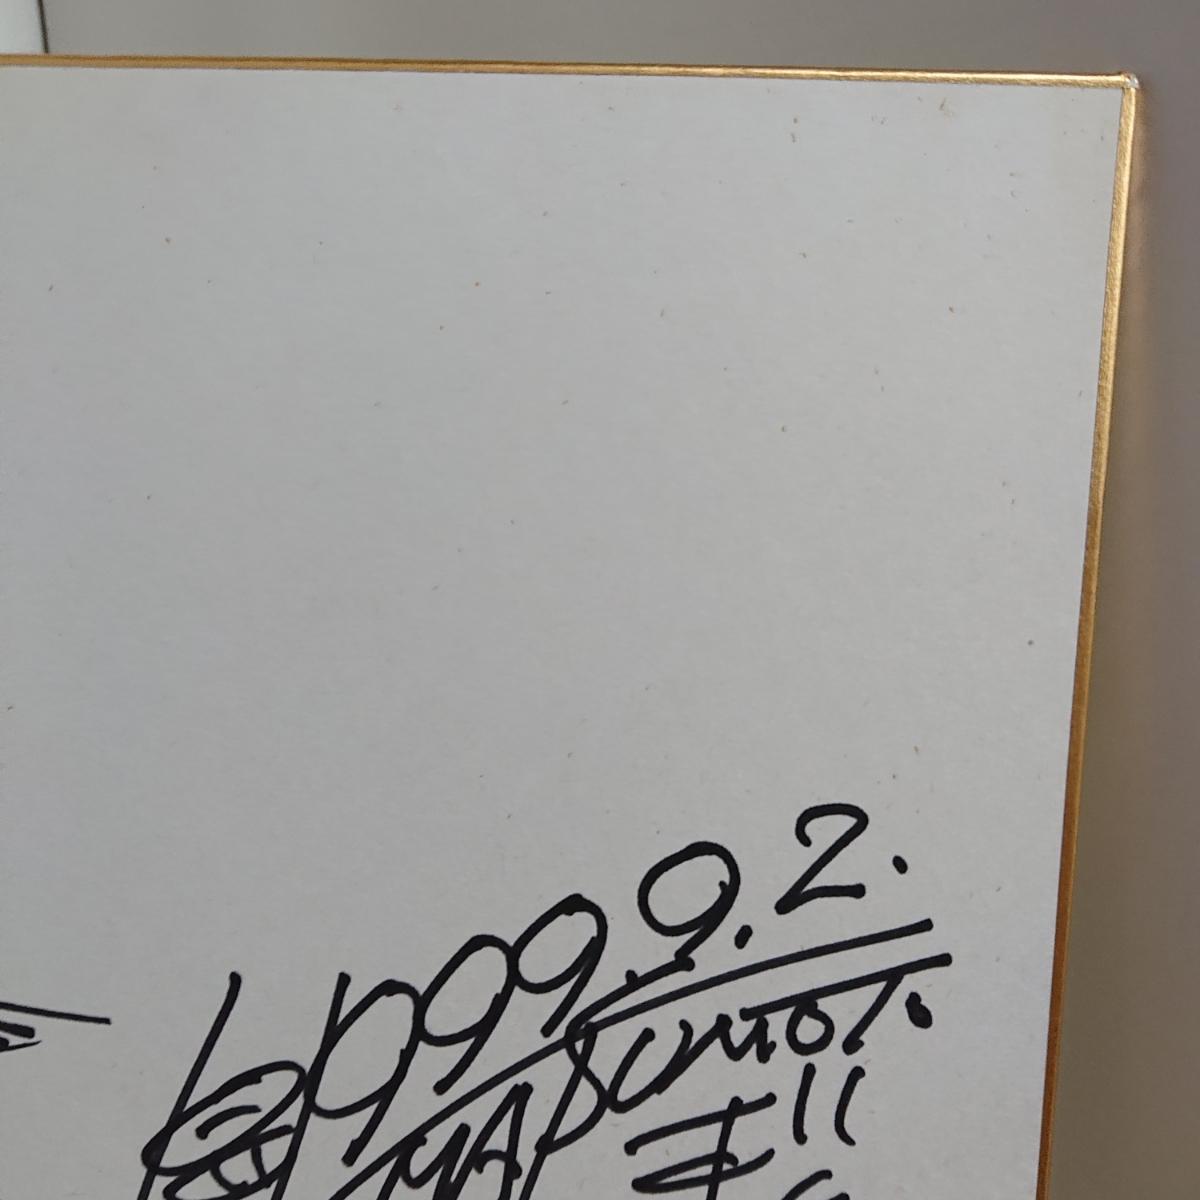 松本零士 イラスト入り サイン 色紙 メーテル 銀河鉄道999 ヤマト ハーロック アルカディア_画像5